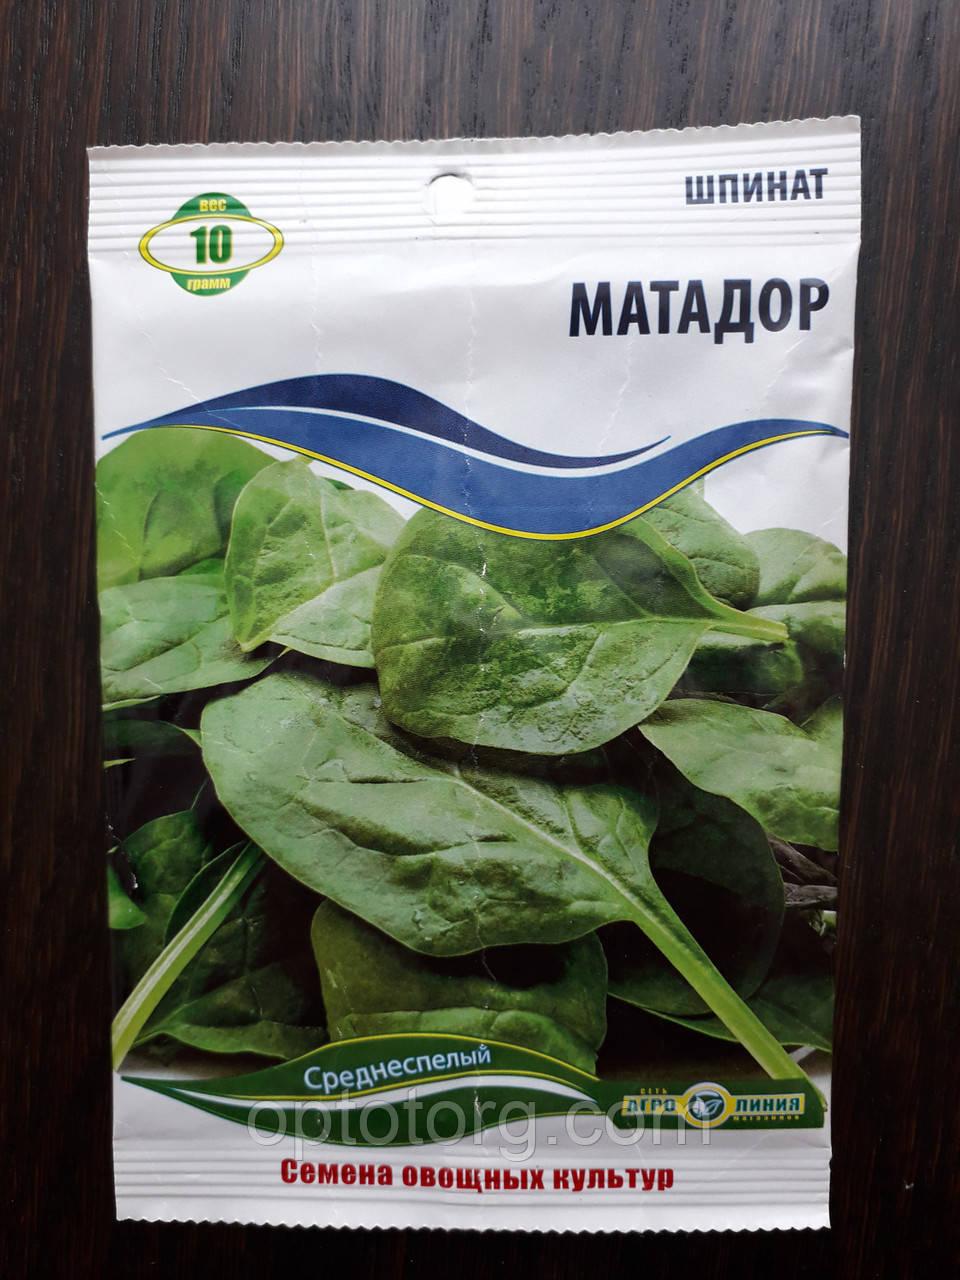 Насіння шпинату Матадор 10 гр